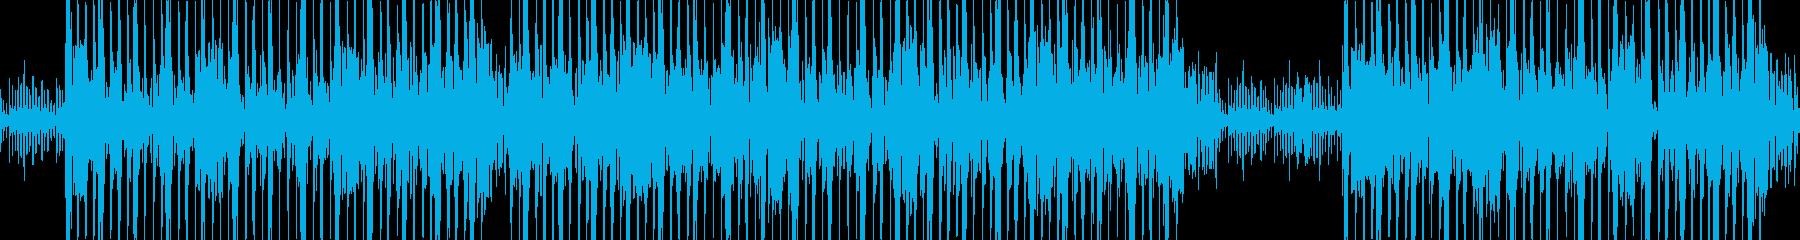 機械的な不気味シンセサウンドの再生済みの波形